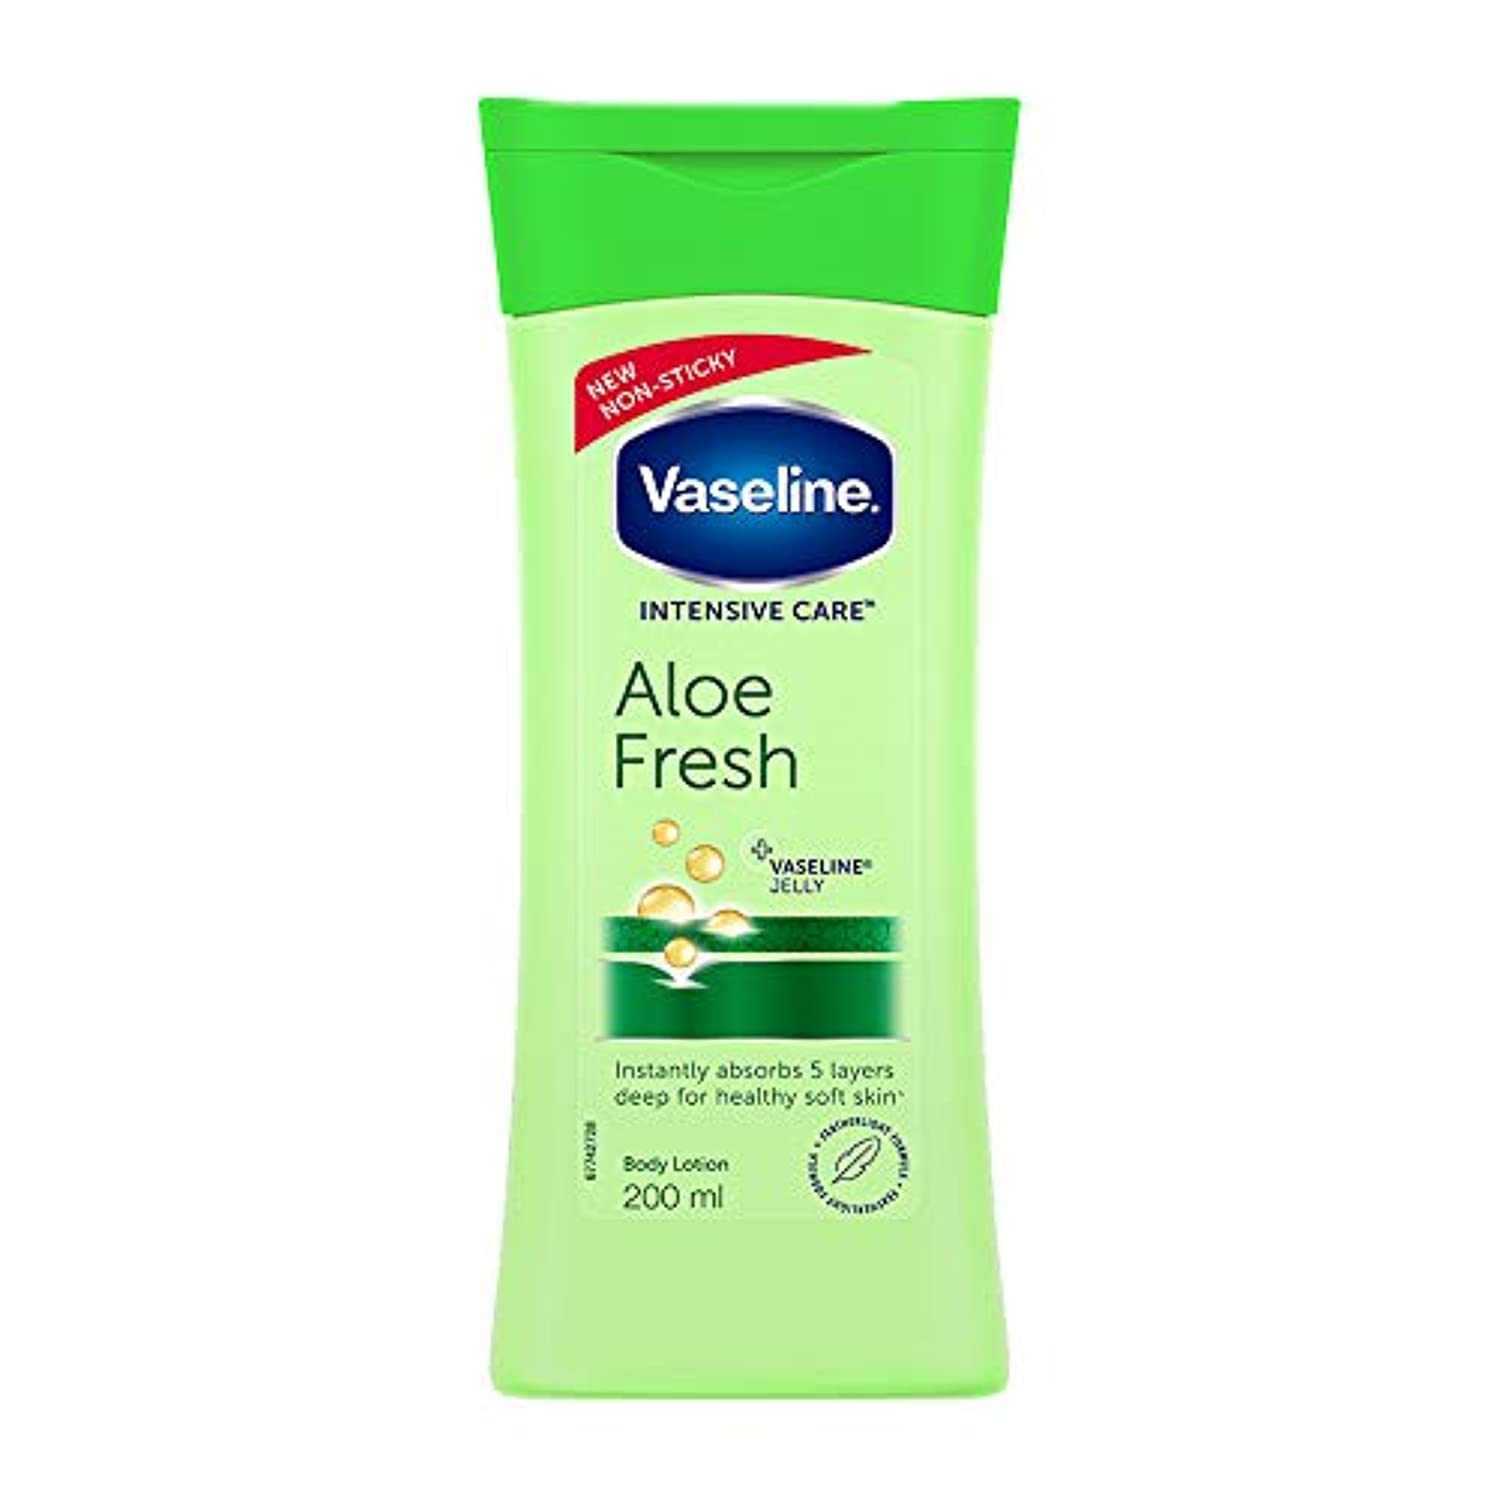 面積改善クルーズVaseline Intensive Care Aloe Fresh Body Lotion, 200 ml